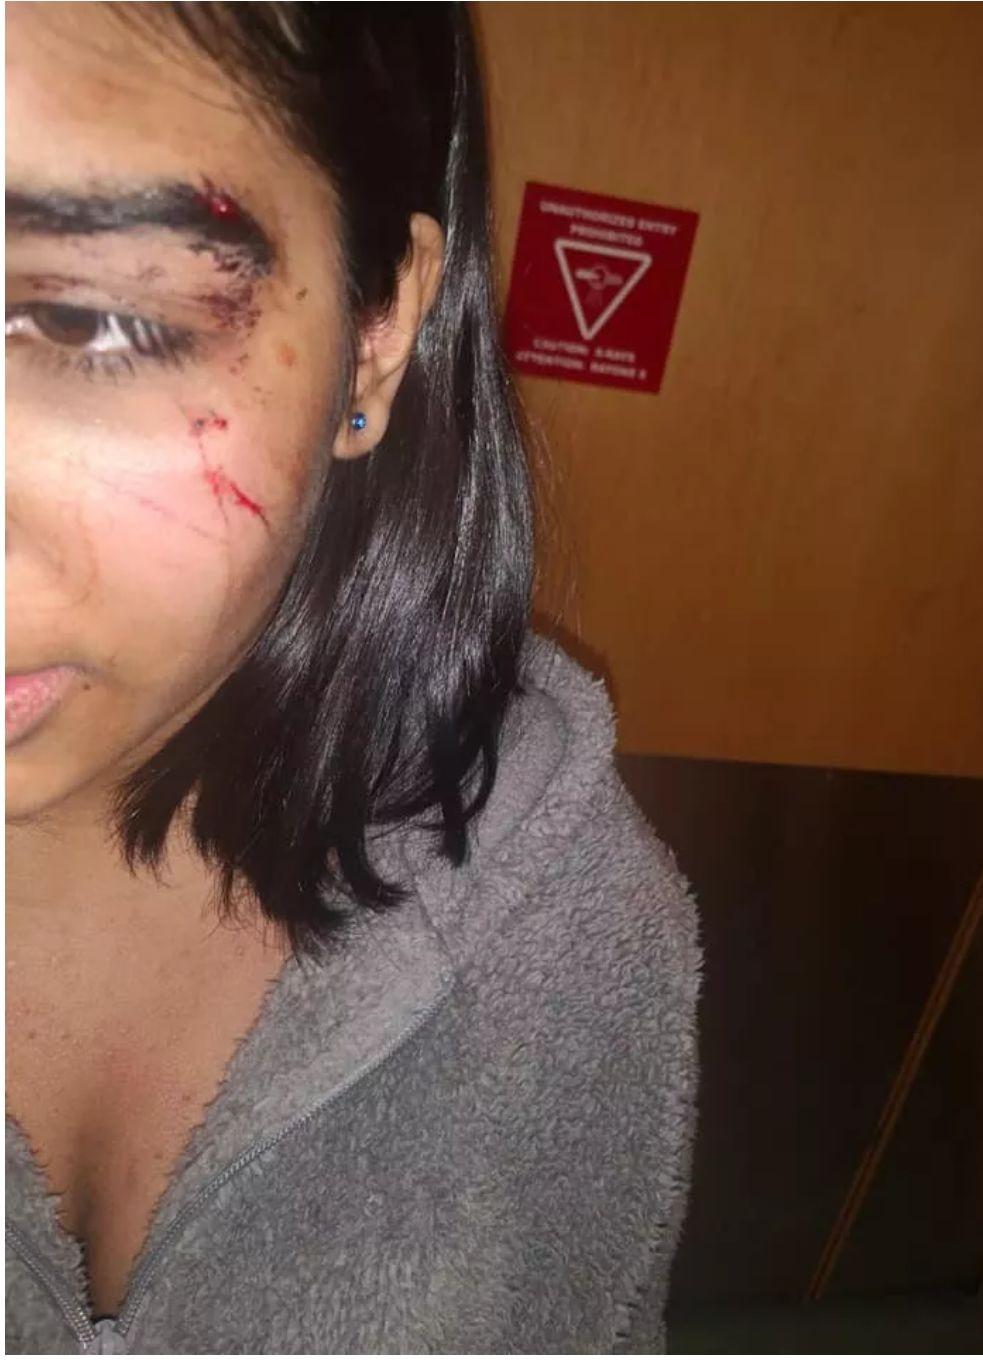 14名女生因校园欺凌获刑 农场军训受教育